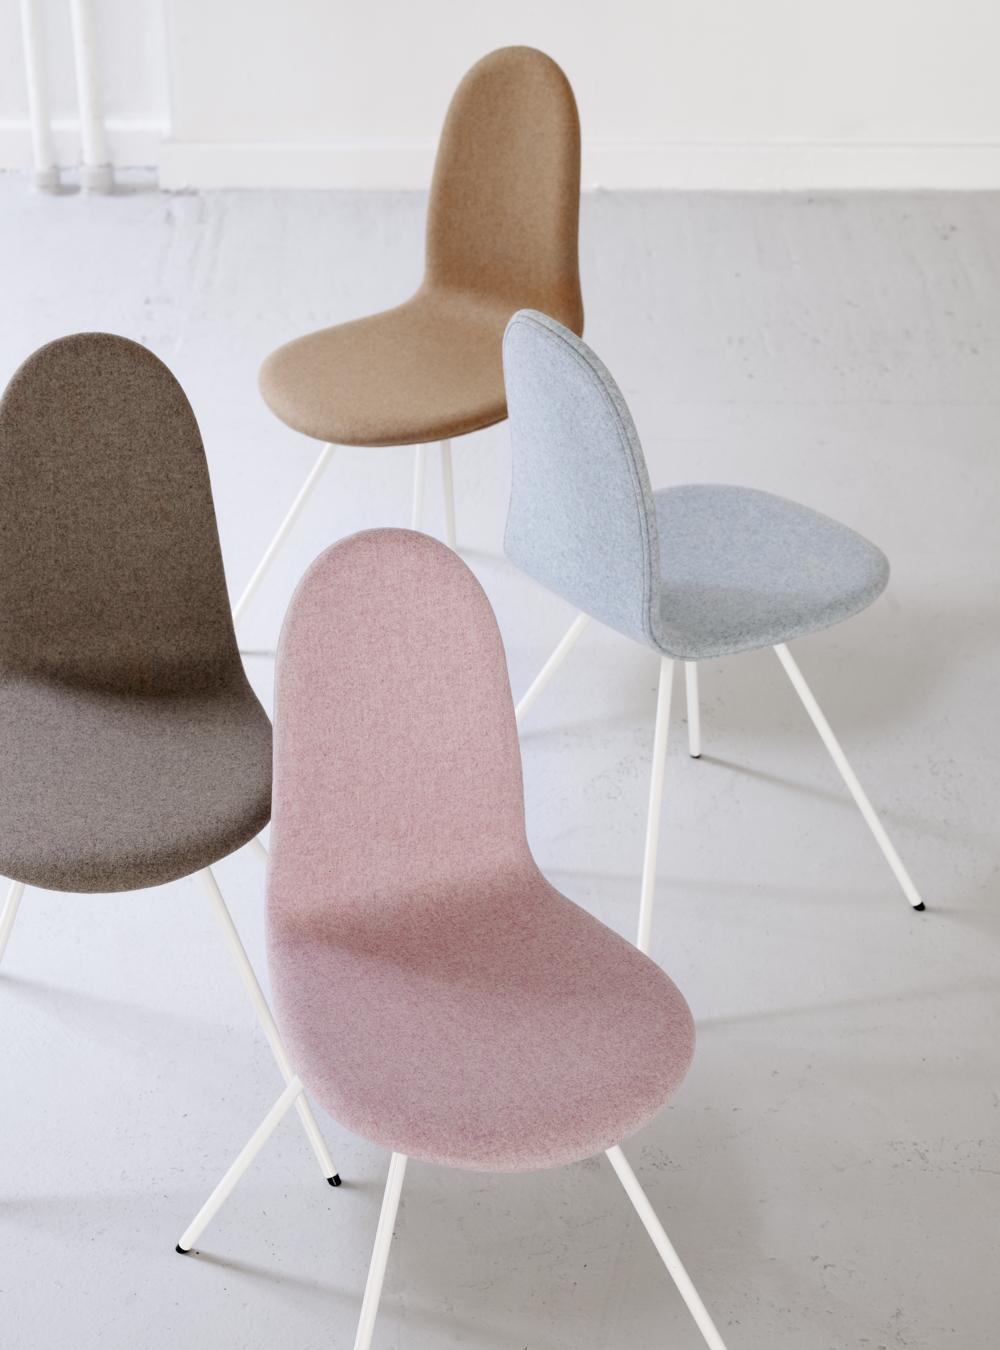 Обеденные стулья в интерьере вашего дома - Tongue. Фото 1